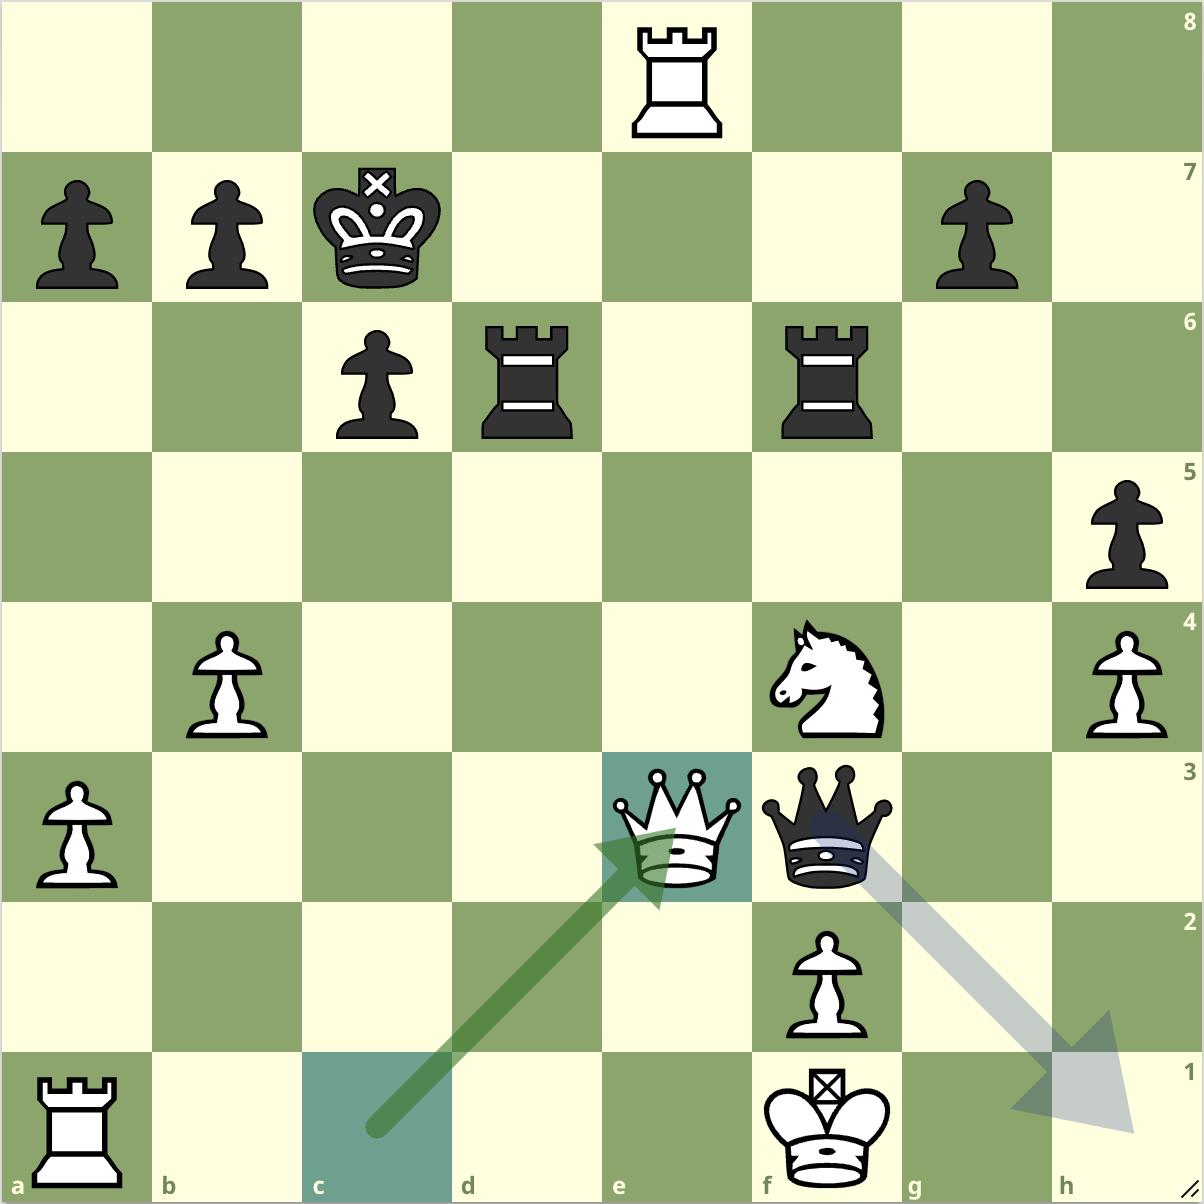 Trắng vừa đi 27.Qe3 để đổi hậu sau gần hai phút suy nghĩ, nhưng hậu đen không đổi mà chiếu ở h1, bắt xe a1.